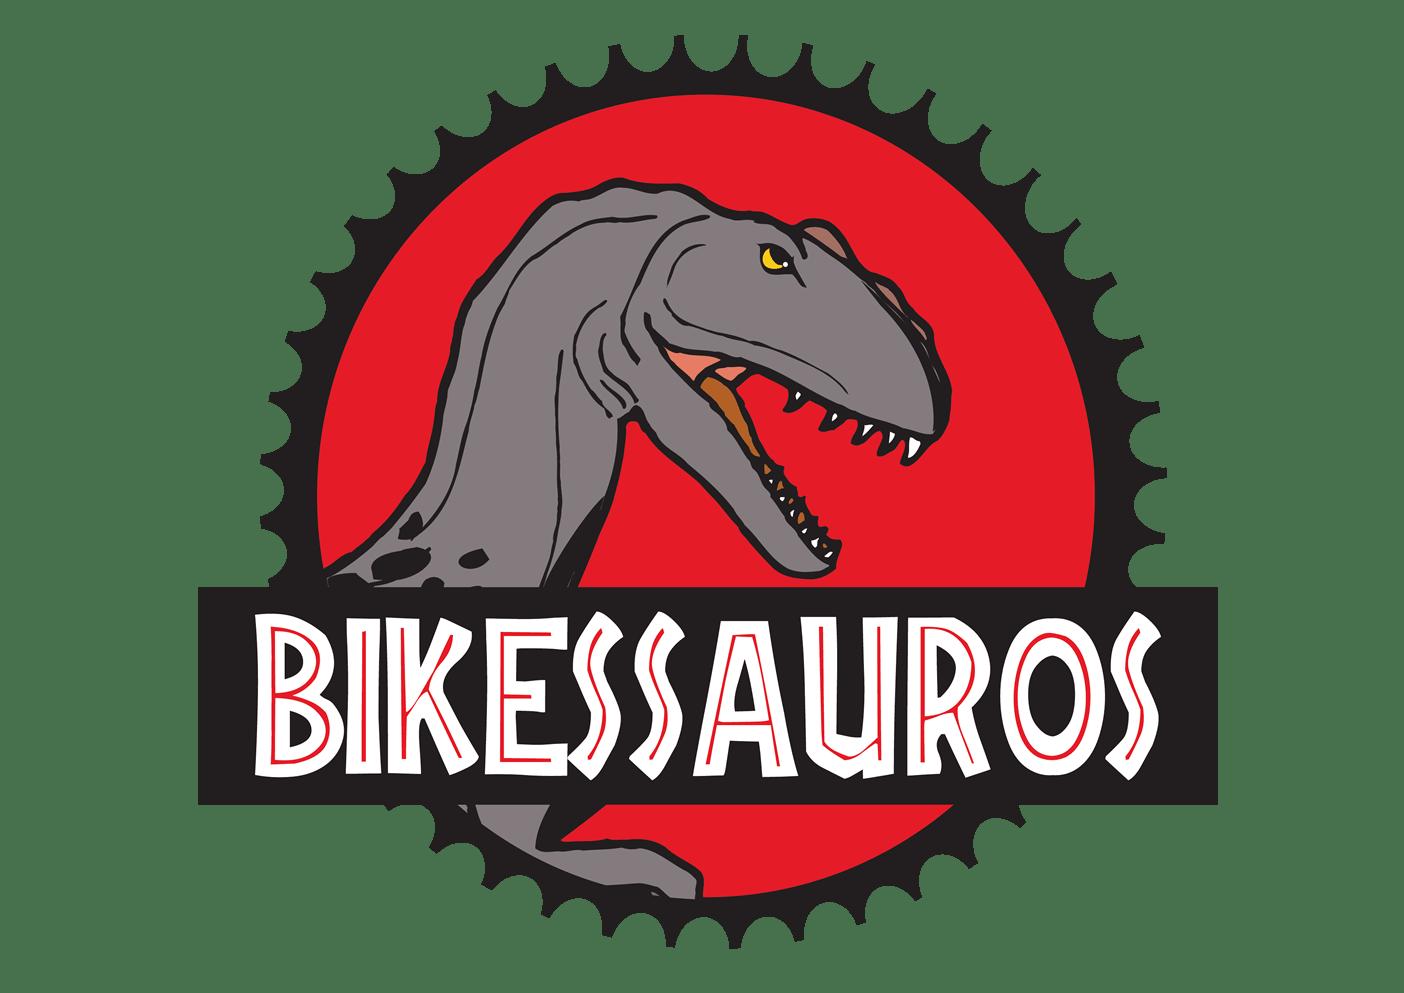 Logo-BIKESSAUROS-min